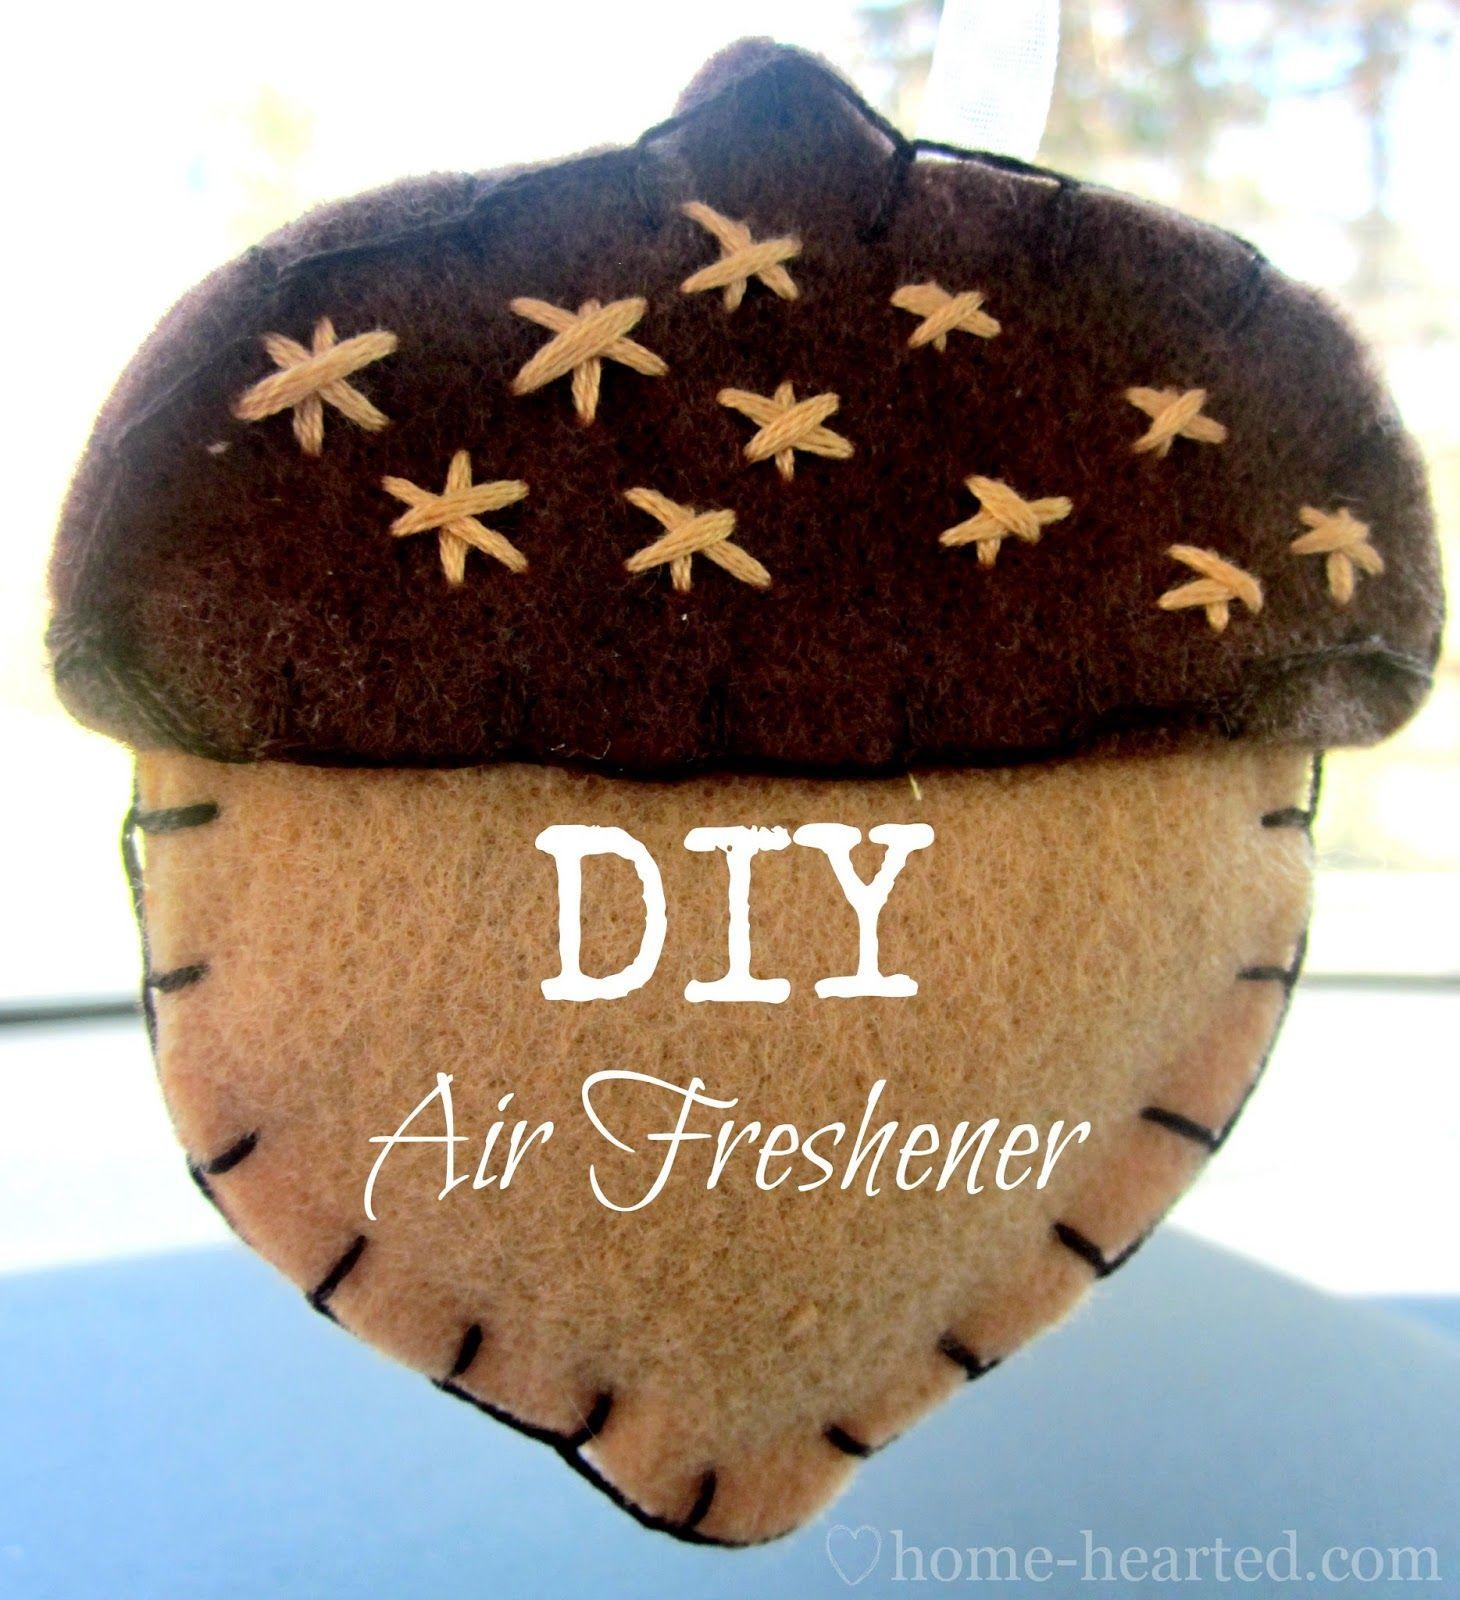 DIY Felt Car Air Freshener Felt diy, Air freshener, Car